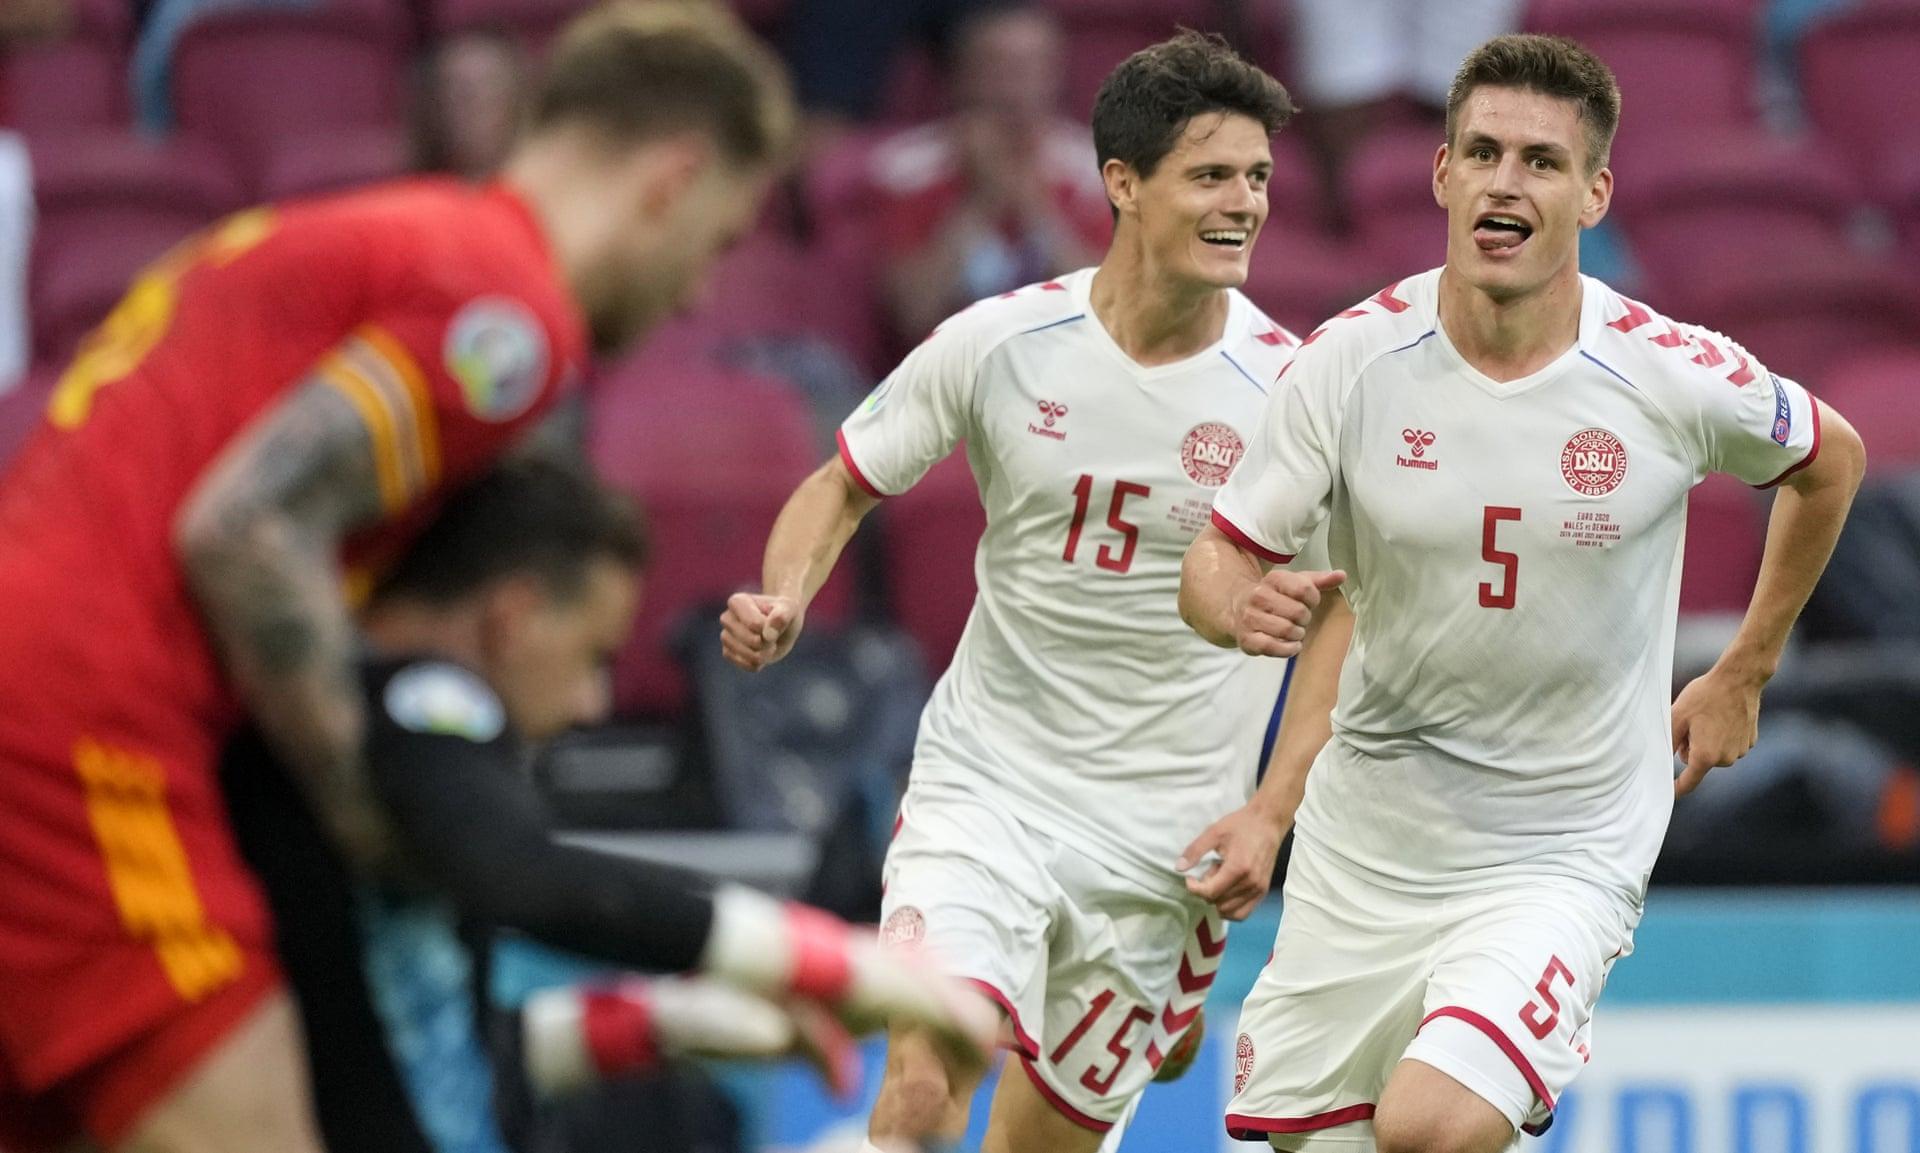 Đan Mạch là tấm gương vượt nghịch cảnh khi góp mặt tại tứ kết Euro 2021. Ảnh: AP